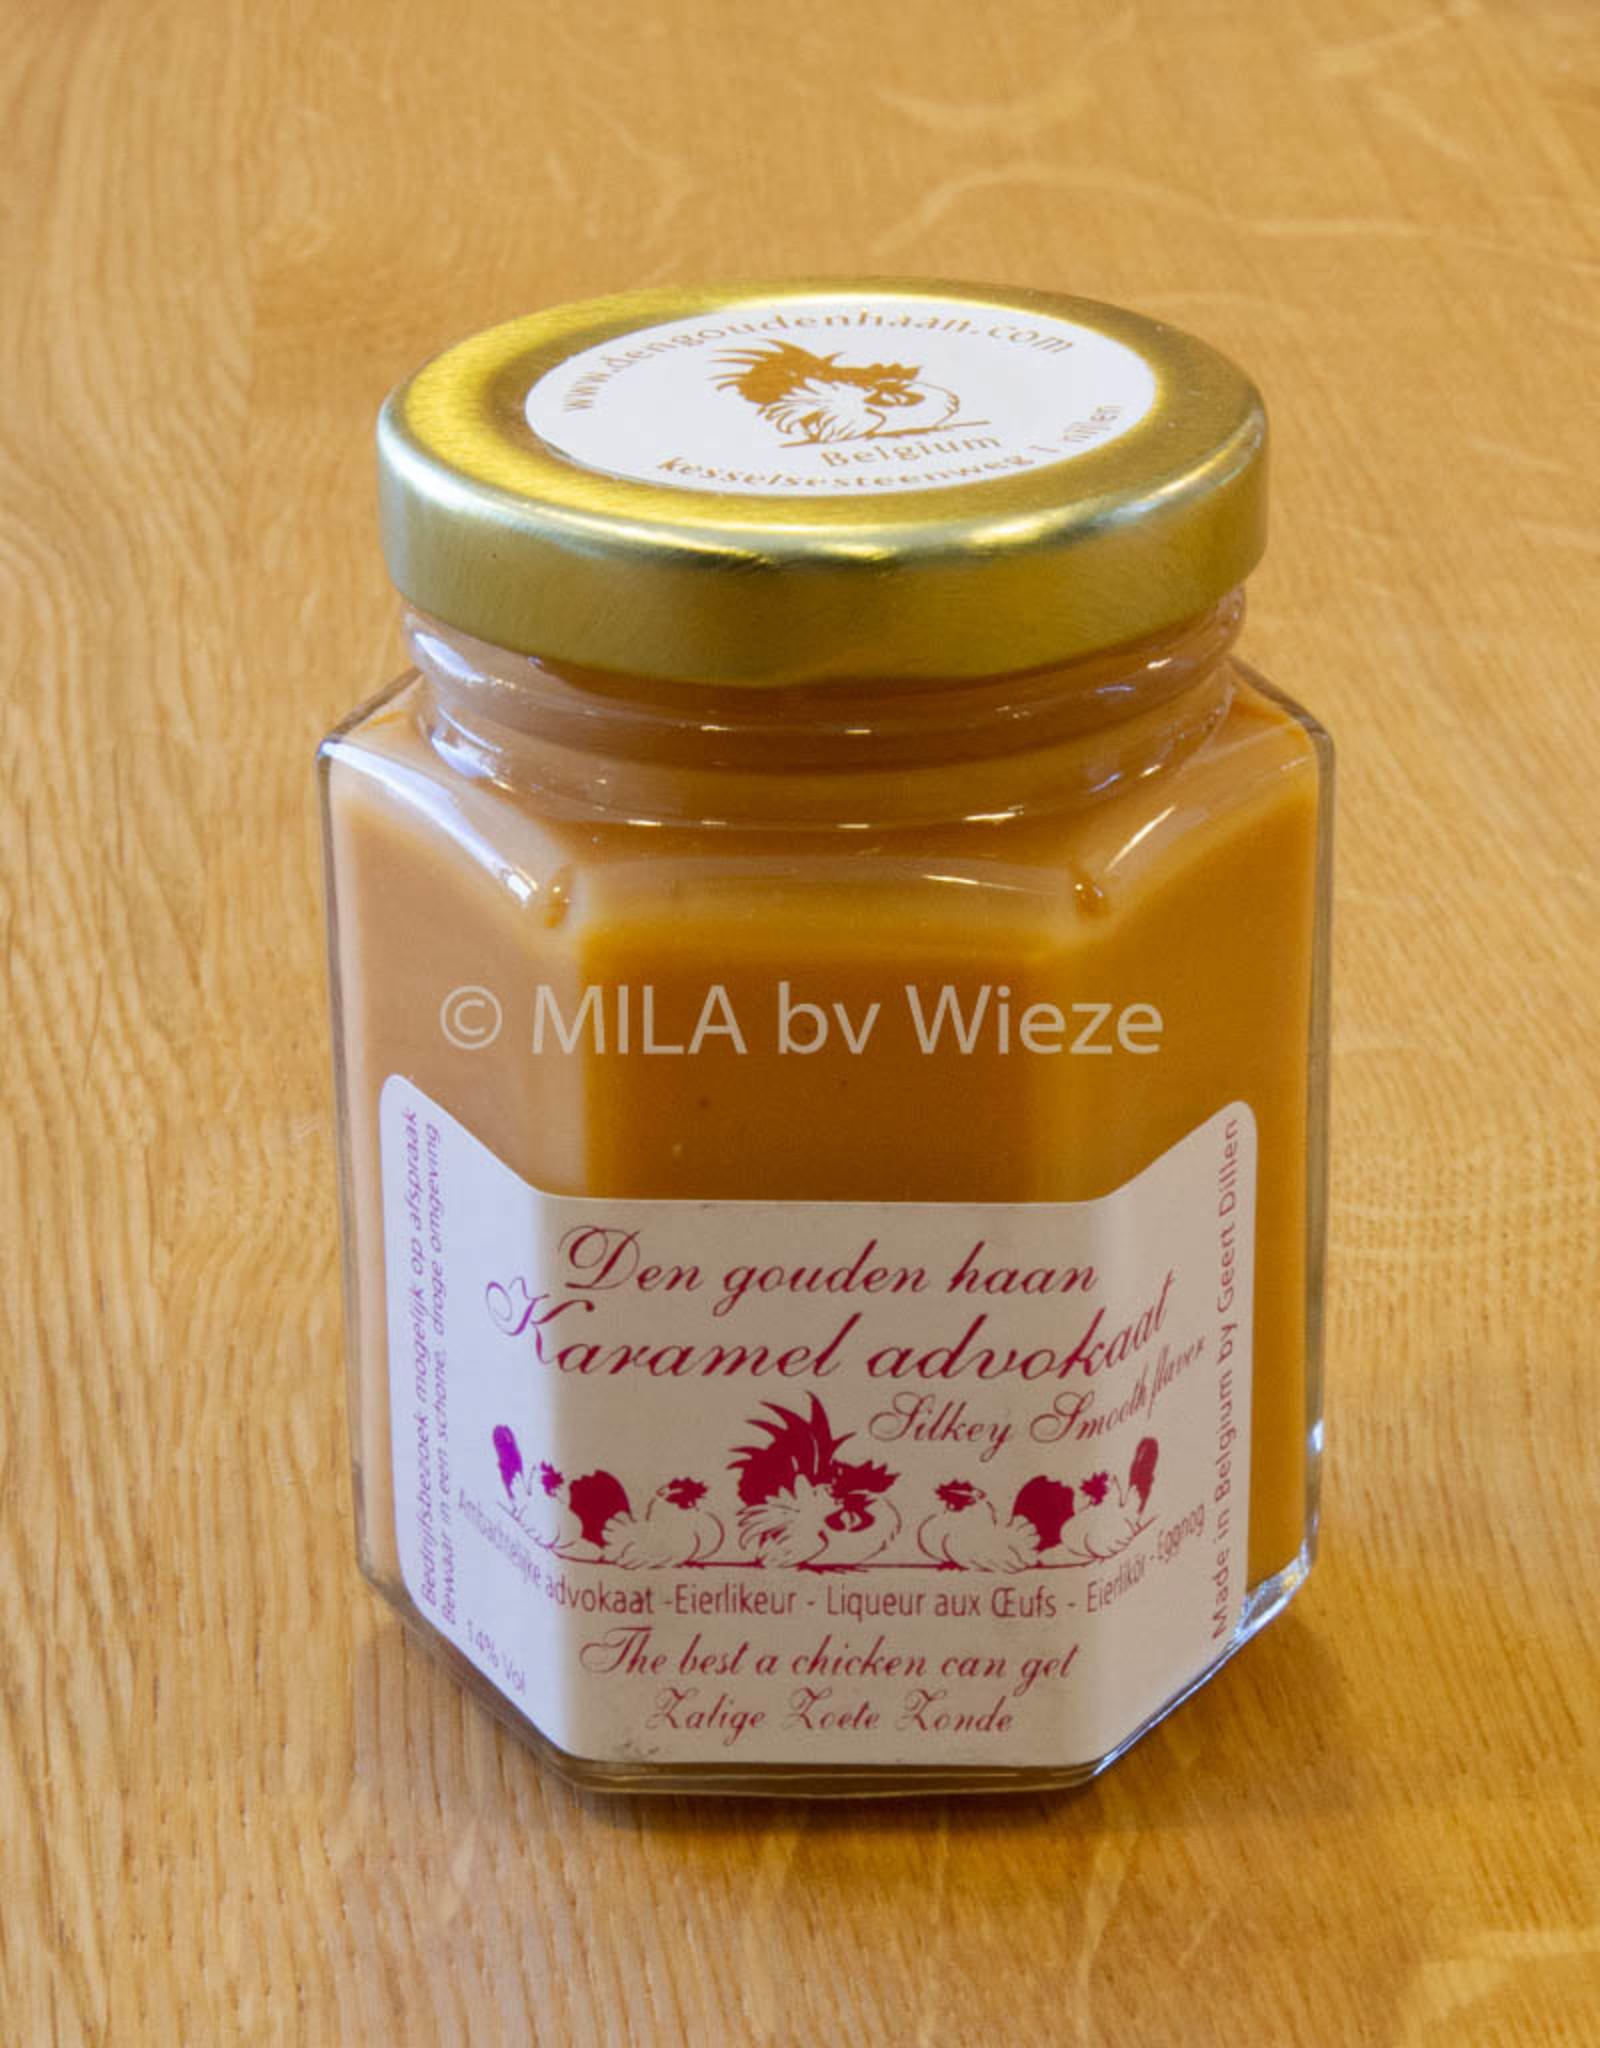 Advocaat Den gouden haan - 125 ml Caramel